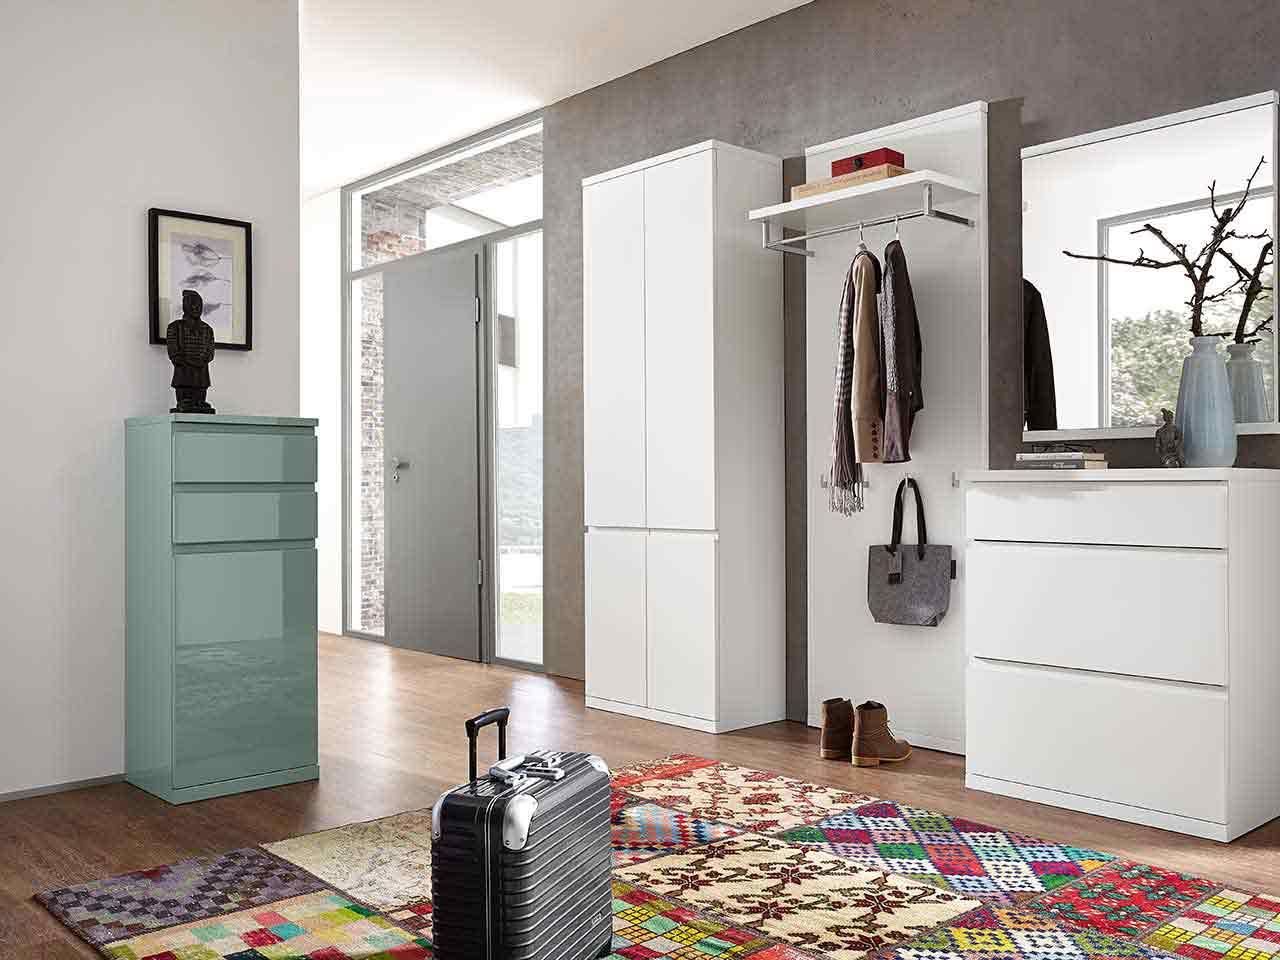 Garderobenschrank Garderobenpaneel Schuhschrank Spiegel Garderobe Enjoy